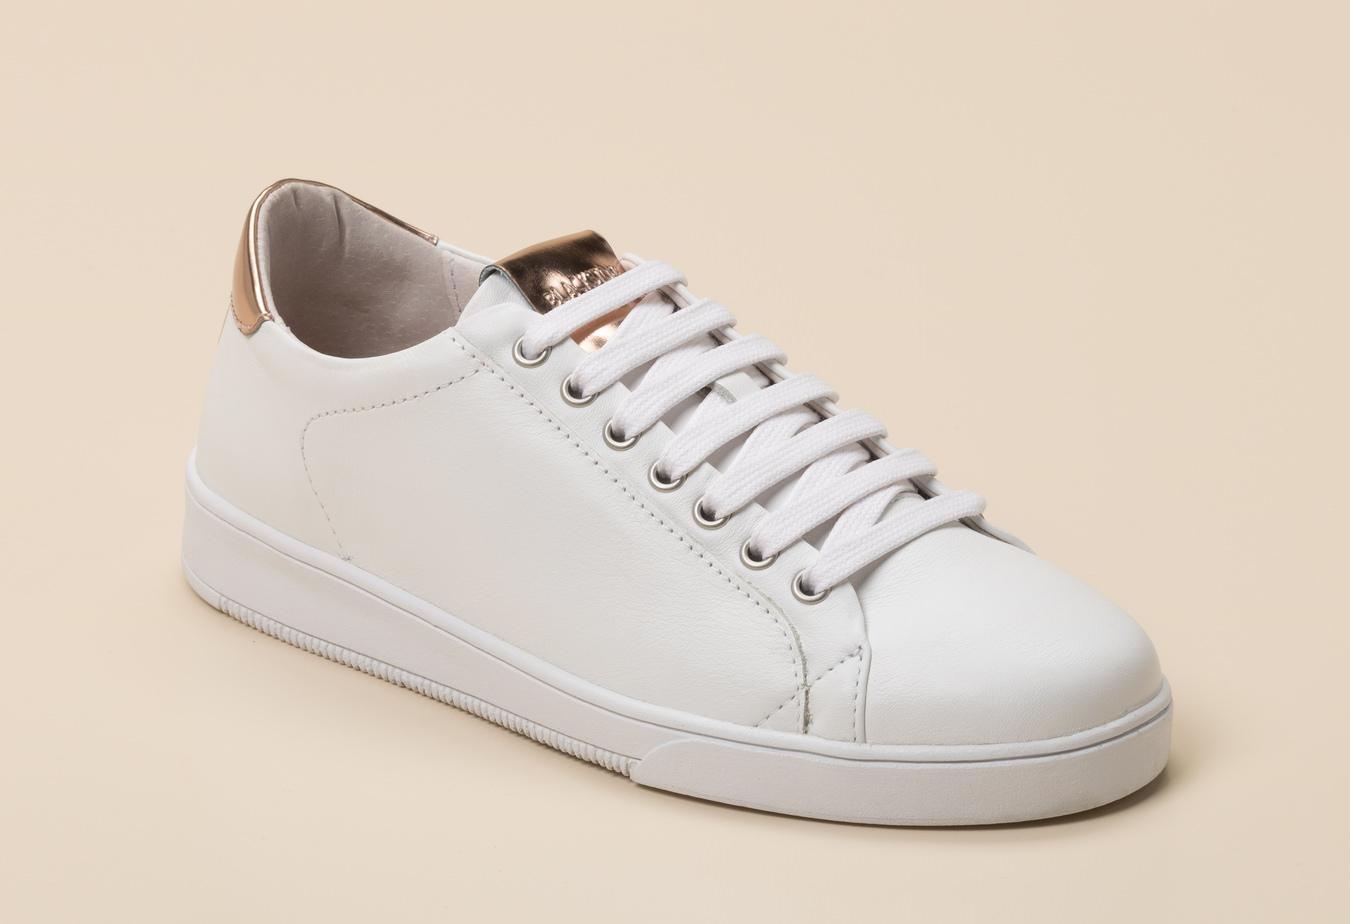 Blackstone Damen Sneaker in weiß kaufen   Zumnorde Online Shop